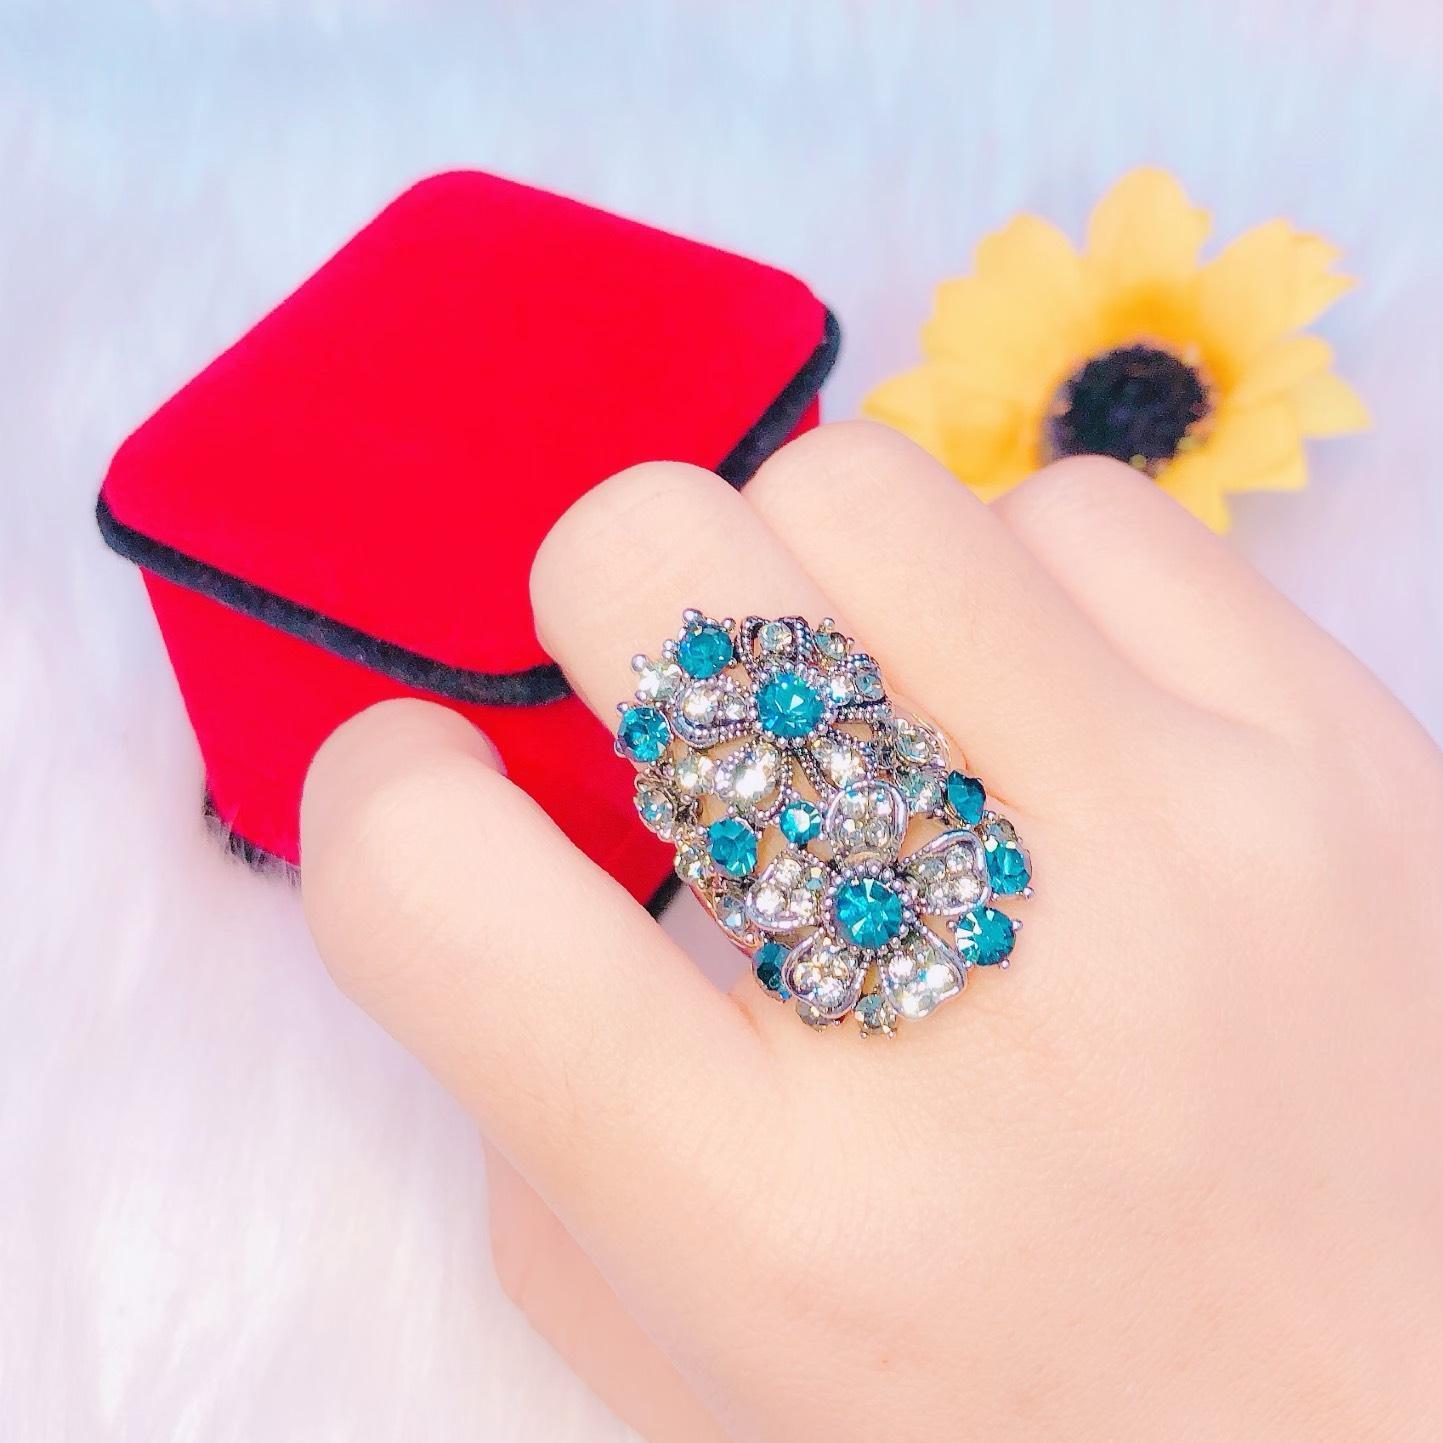 Nhẫn bạc thái Trang Sức Gami KN26061901 - làm quà tặng bất ngờ vô cùng ý nghĩa